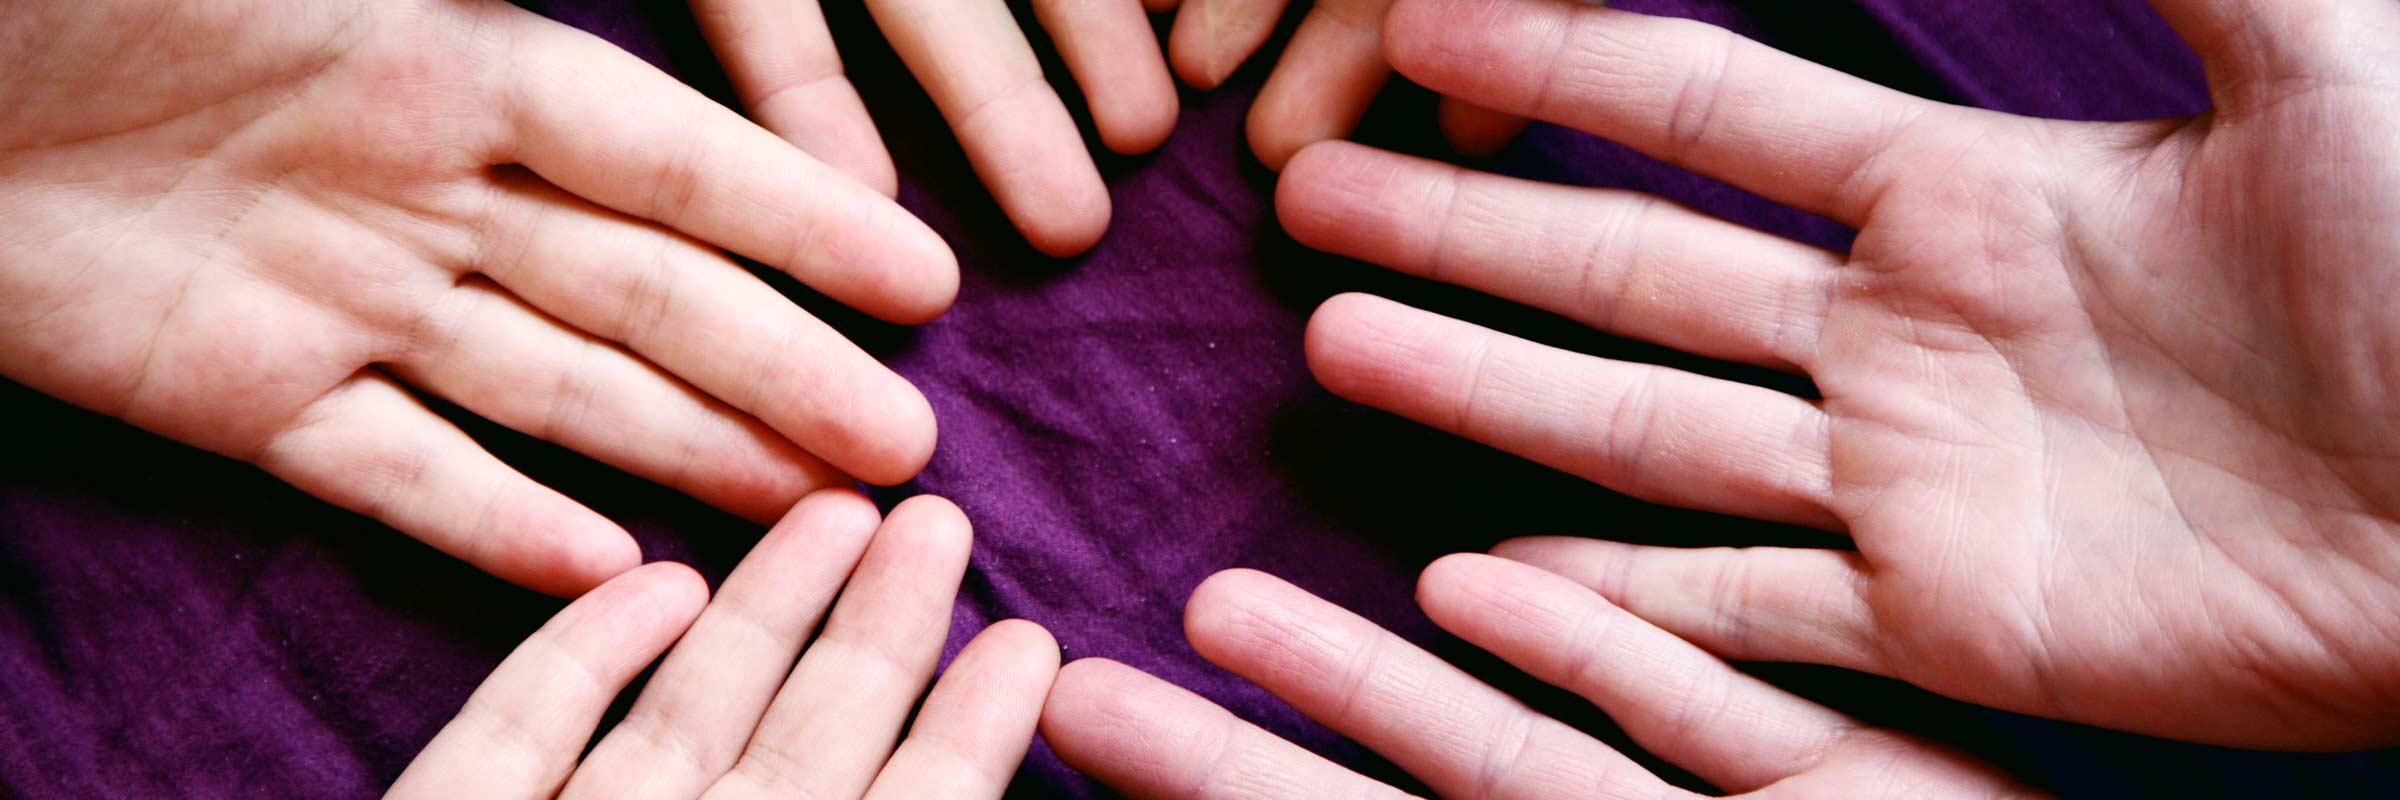 Cocos Peergroup